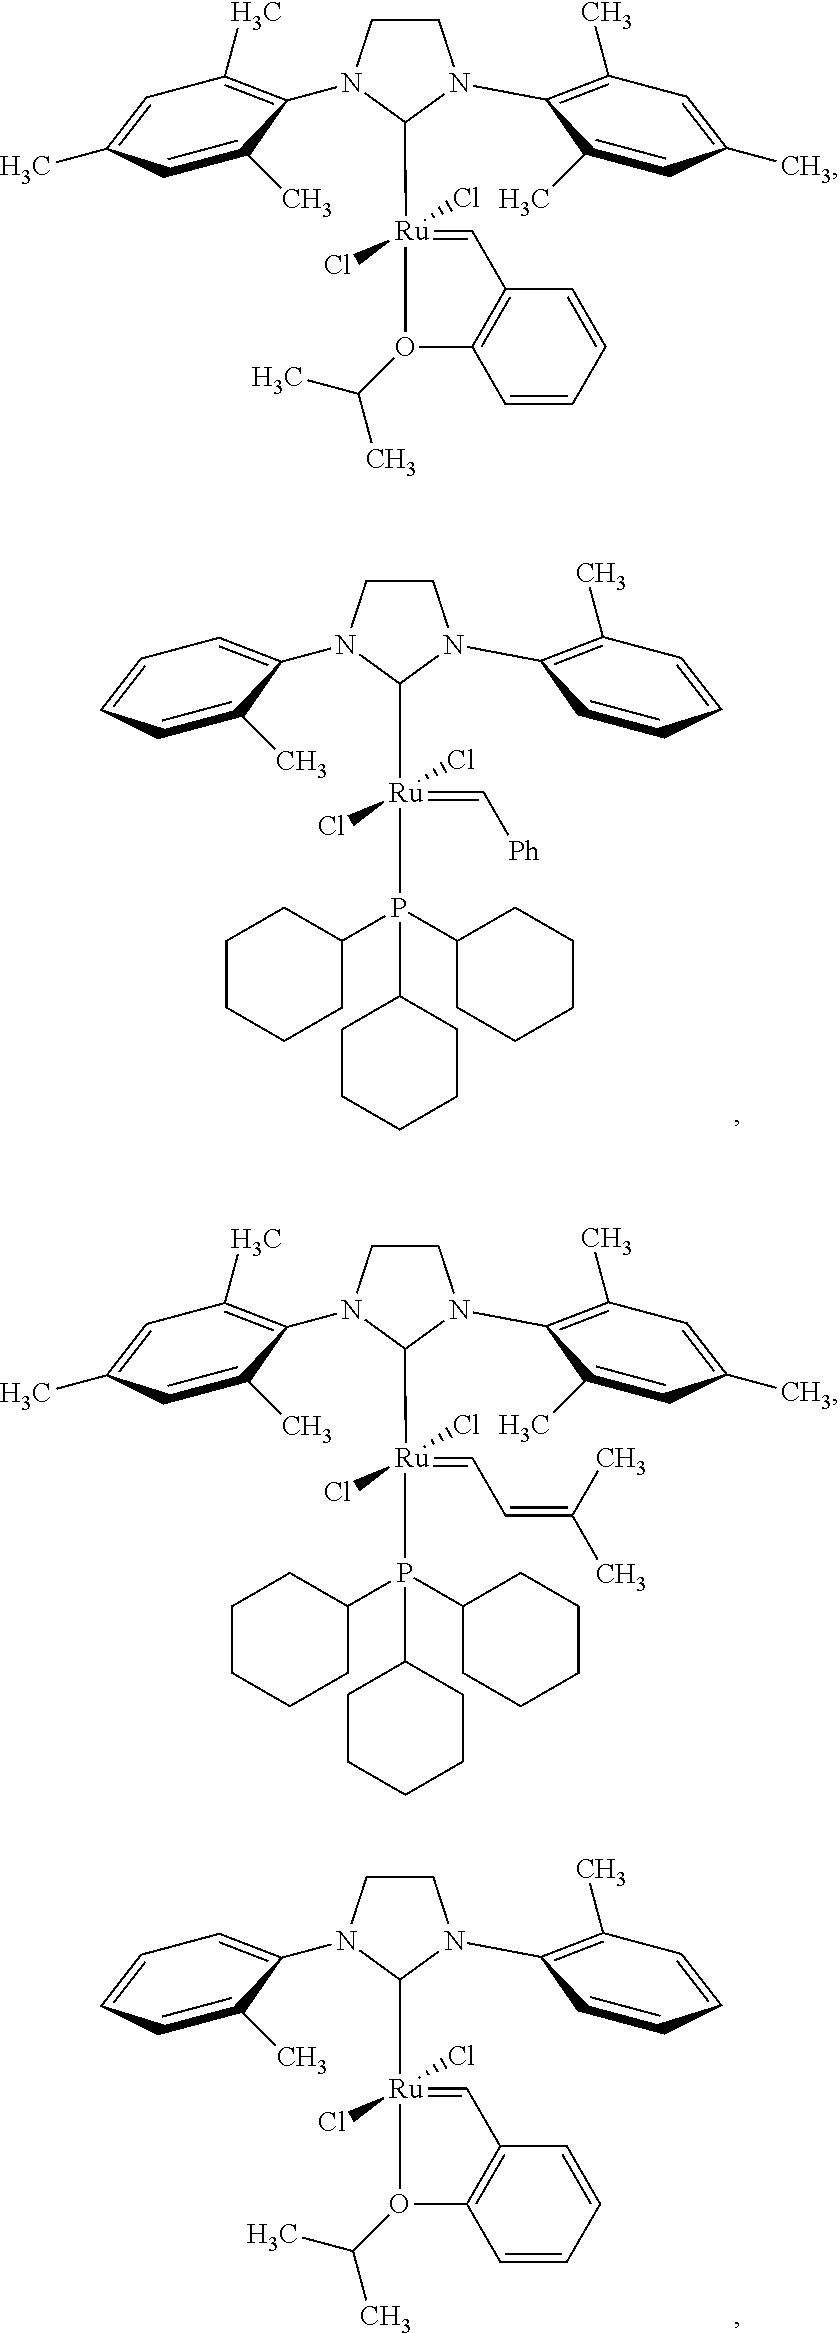 Figure US09630151-20170425-C00008